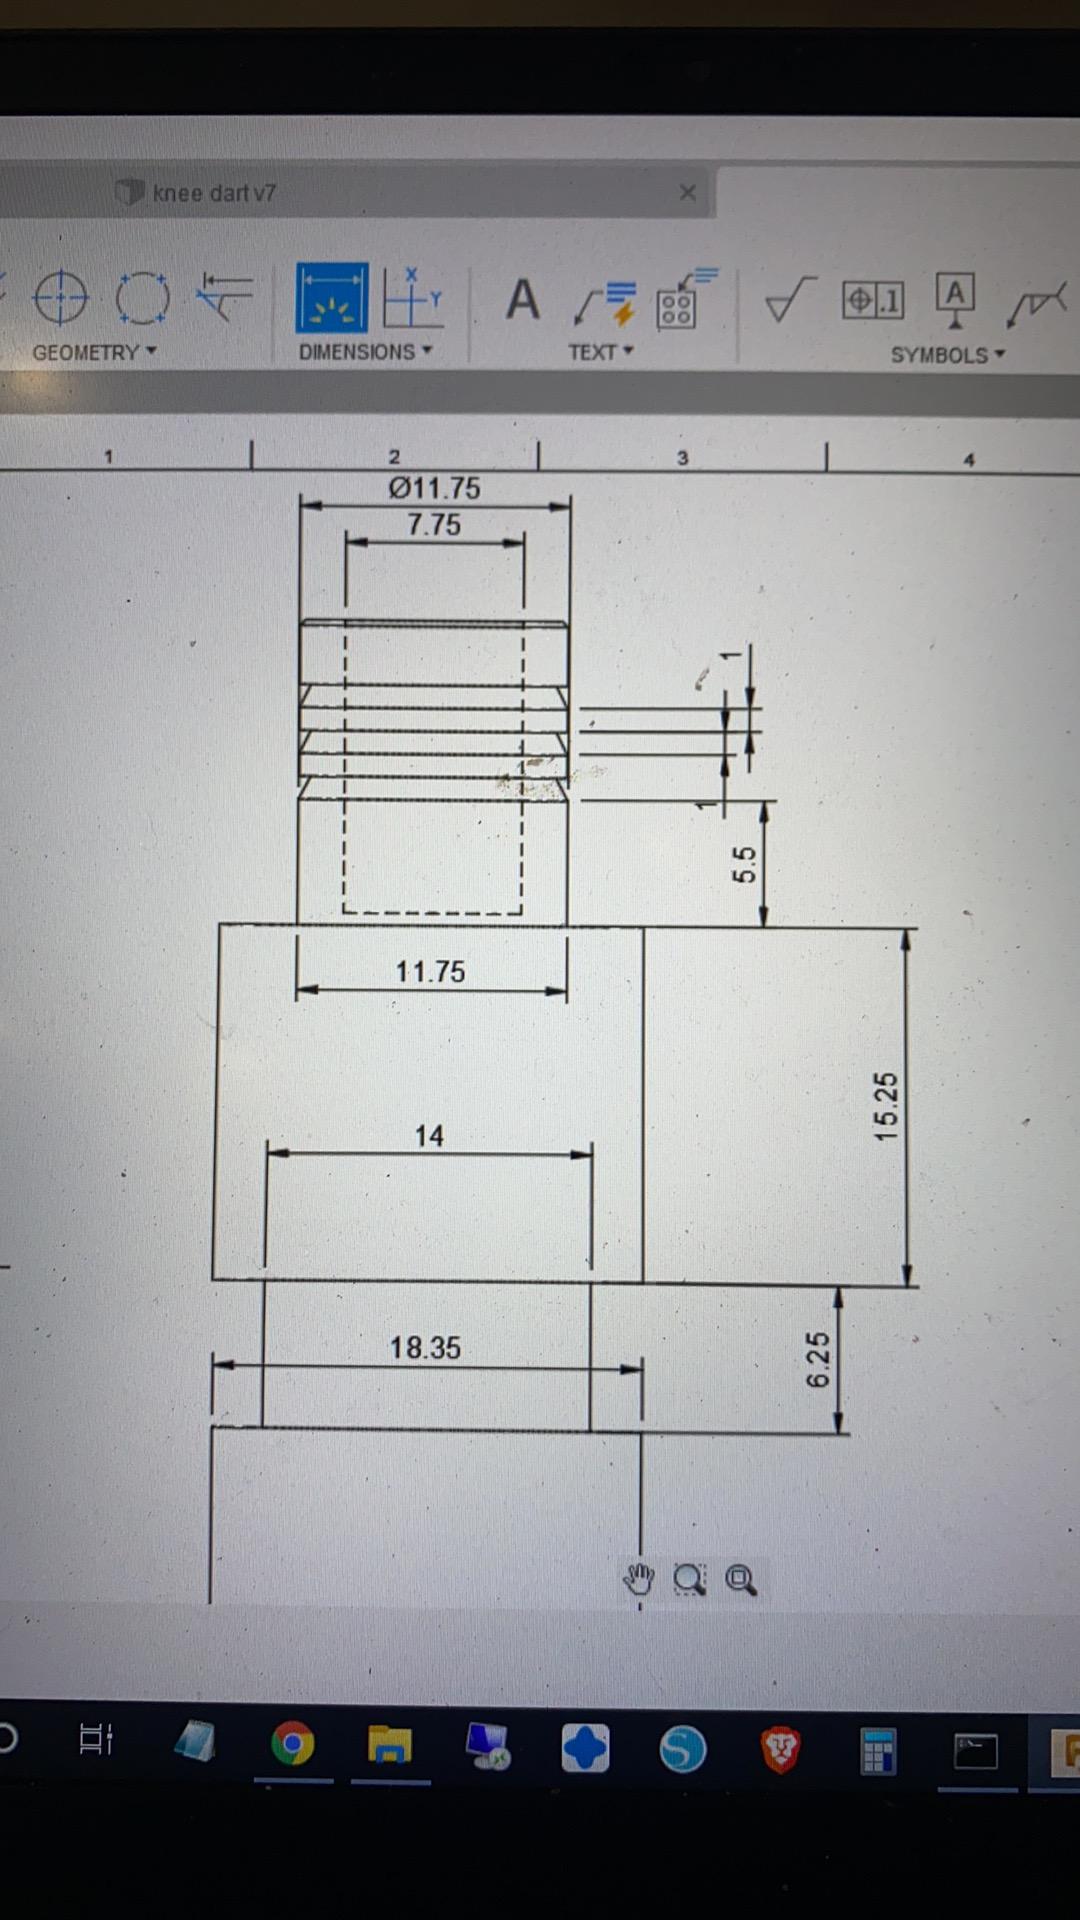 2112A3F3-7FE6-4629-8677-0372F2DD6BBF.jpeg